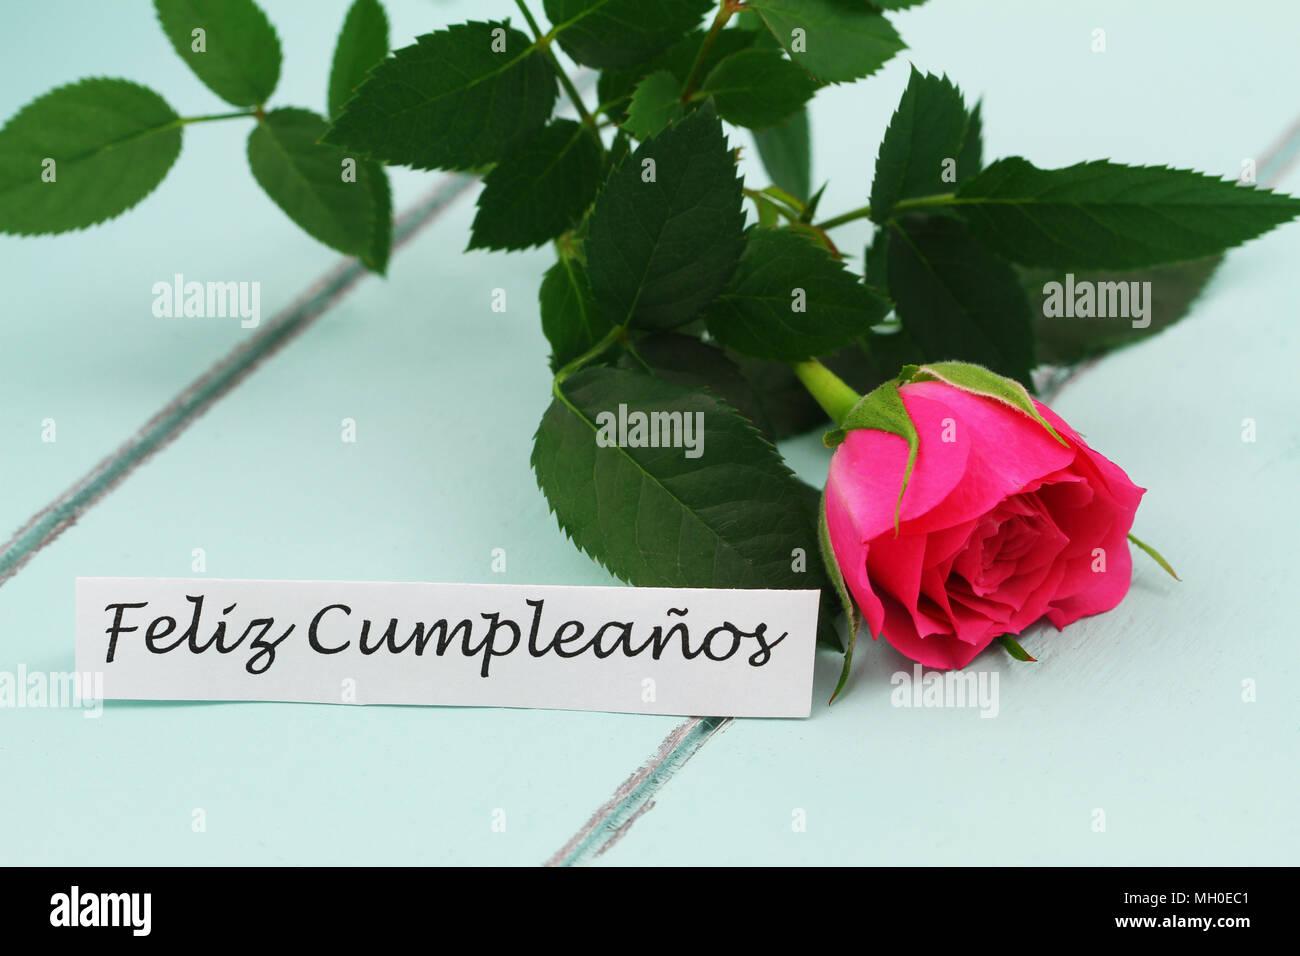 Feliz Cumpleanos (Buon compleanno in spagnolo) la scheda con il